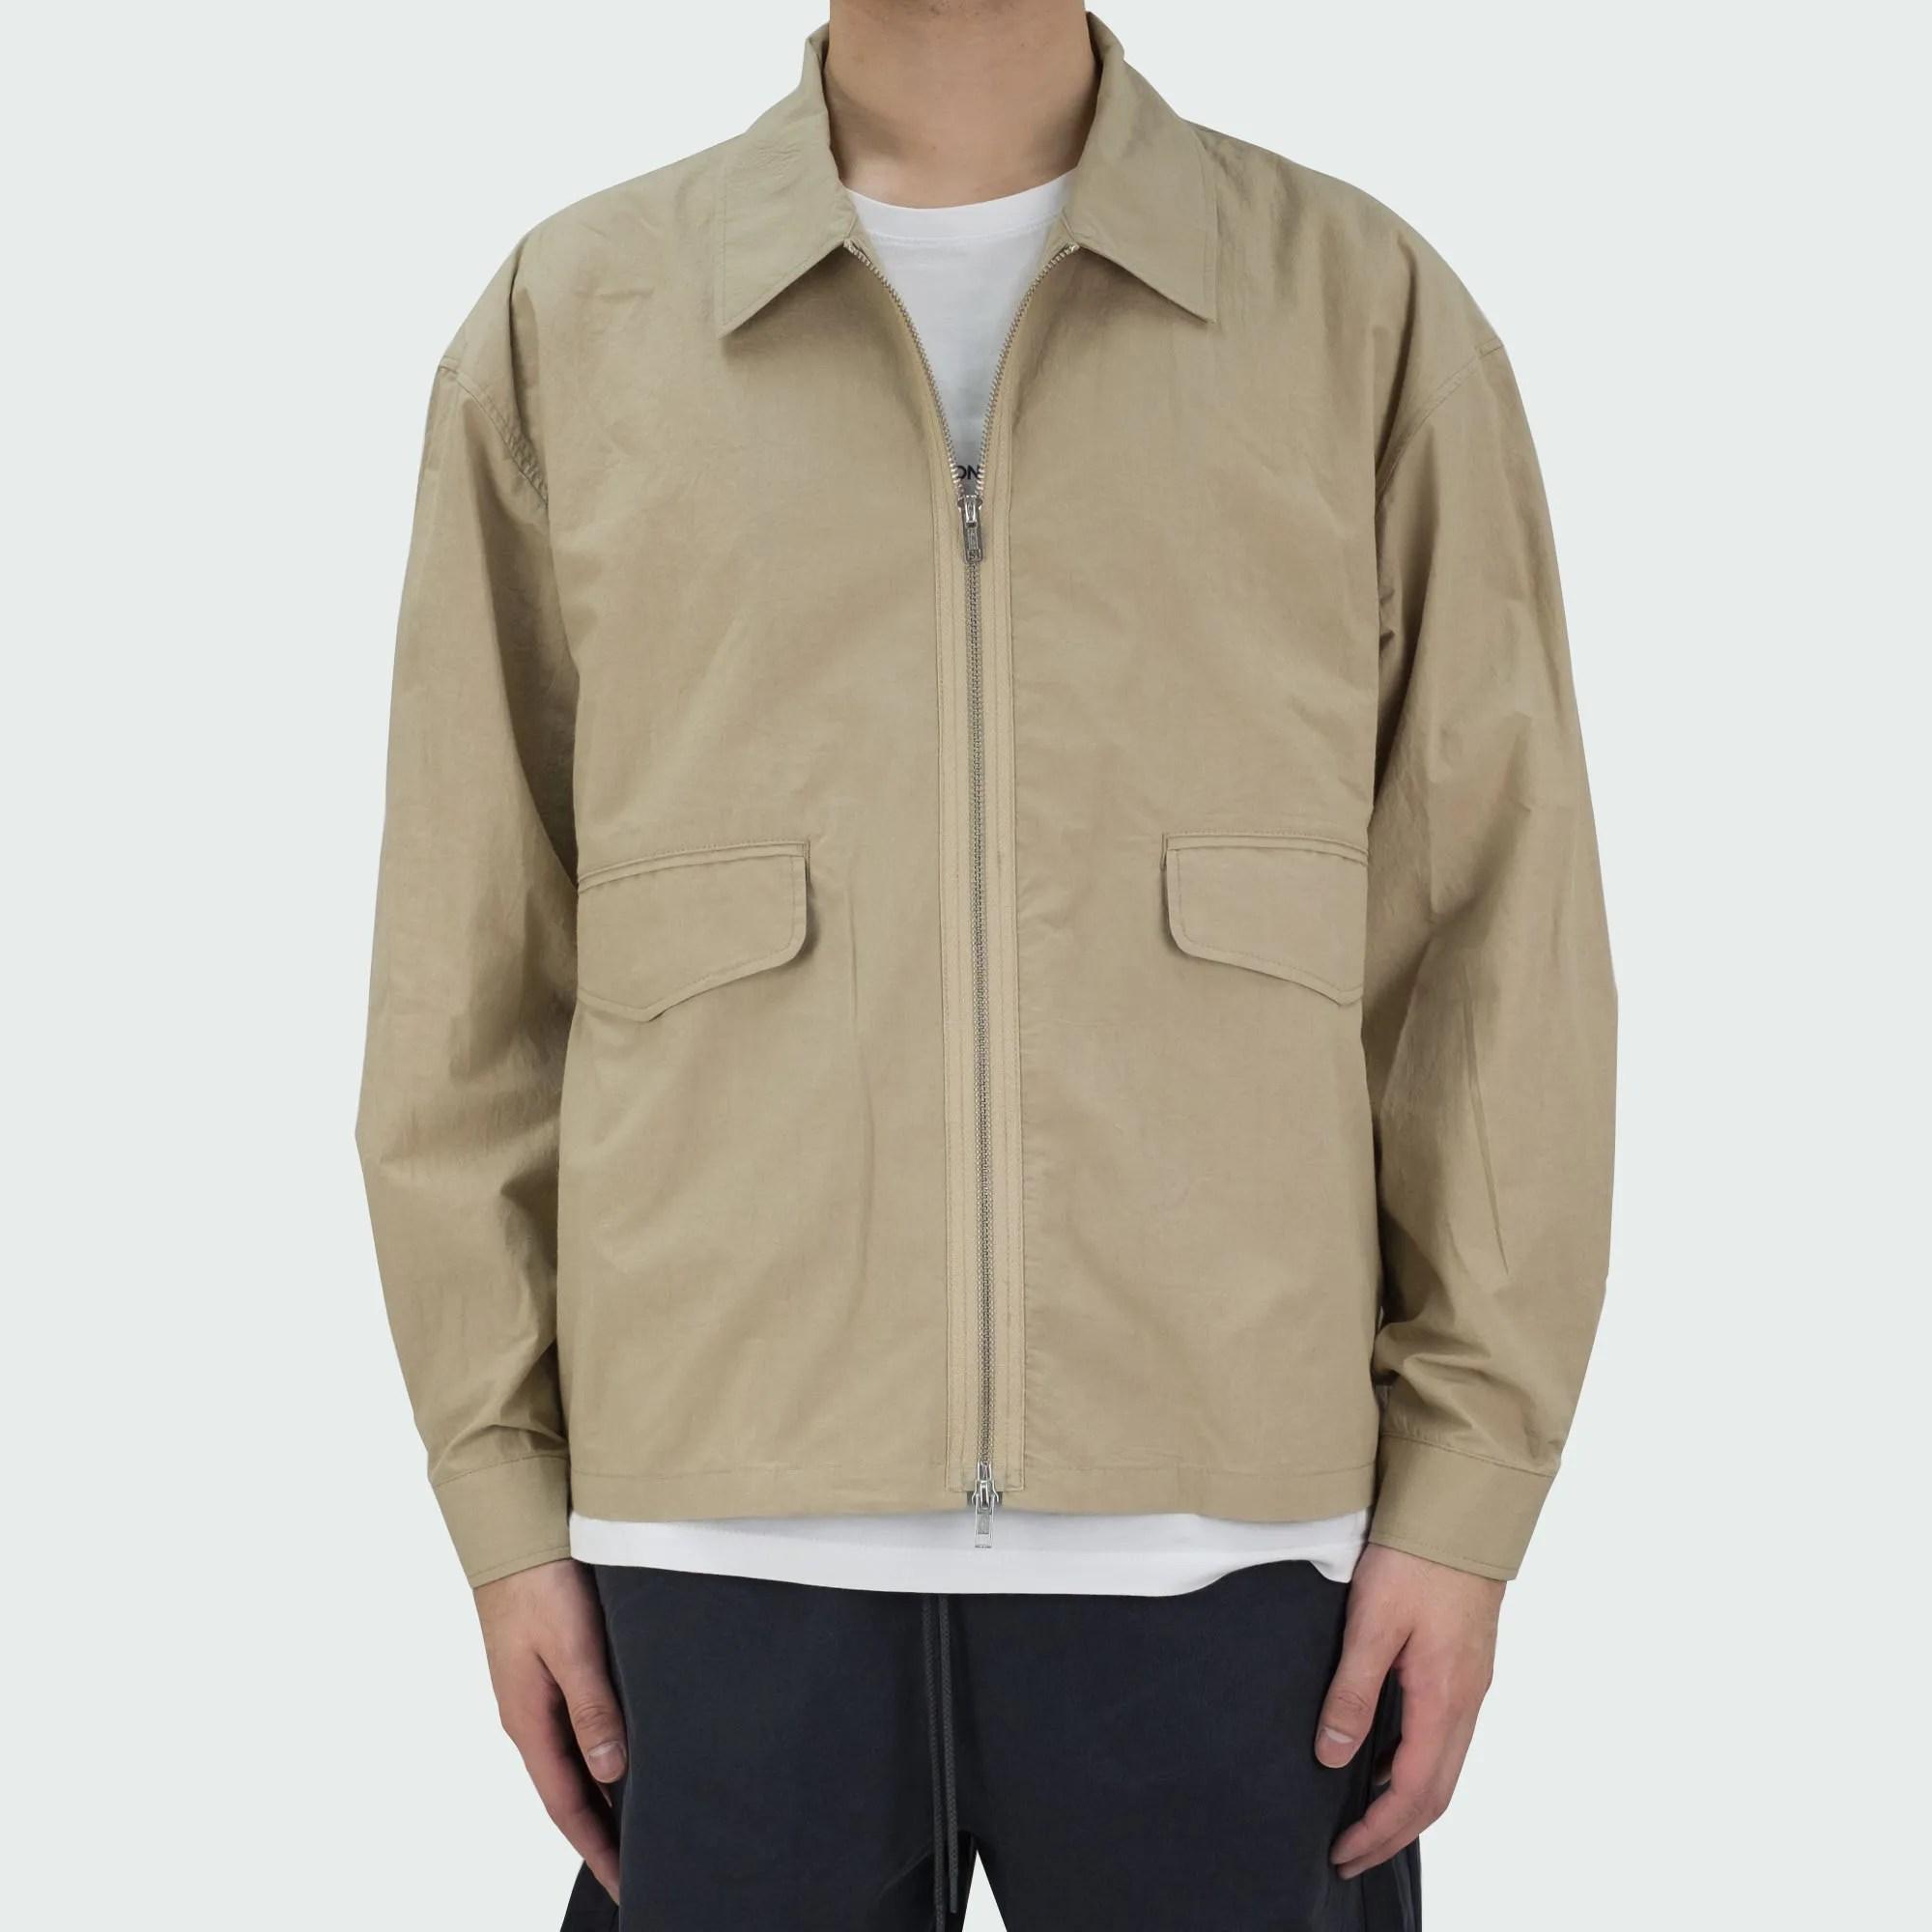 Zip Up Shirt Jacket Beige 2